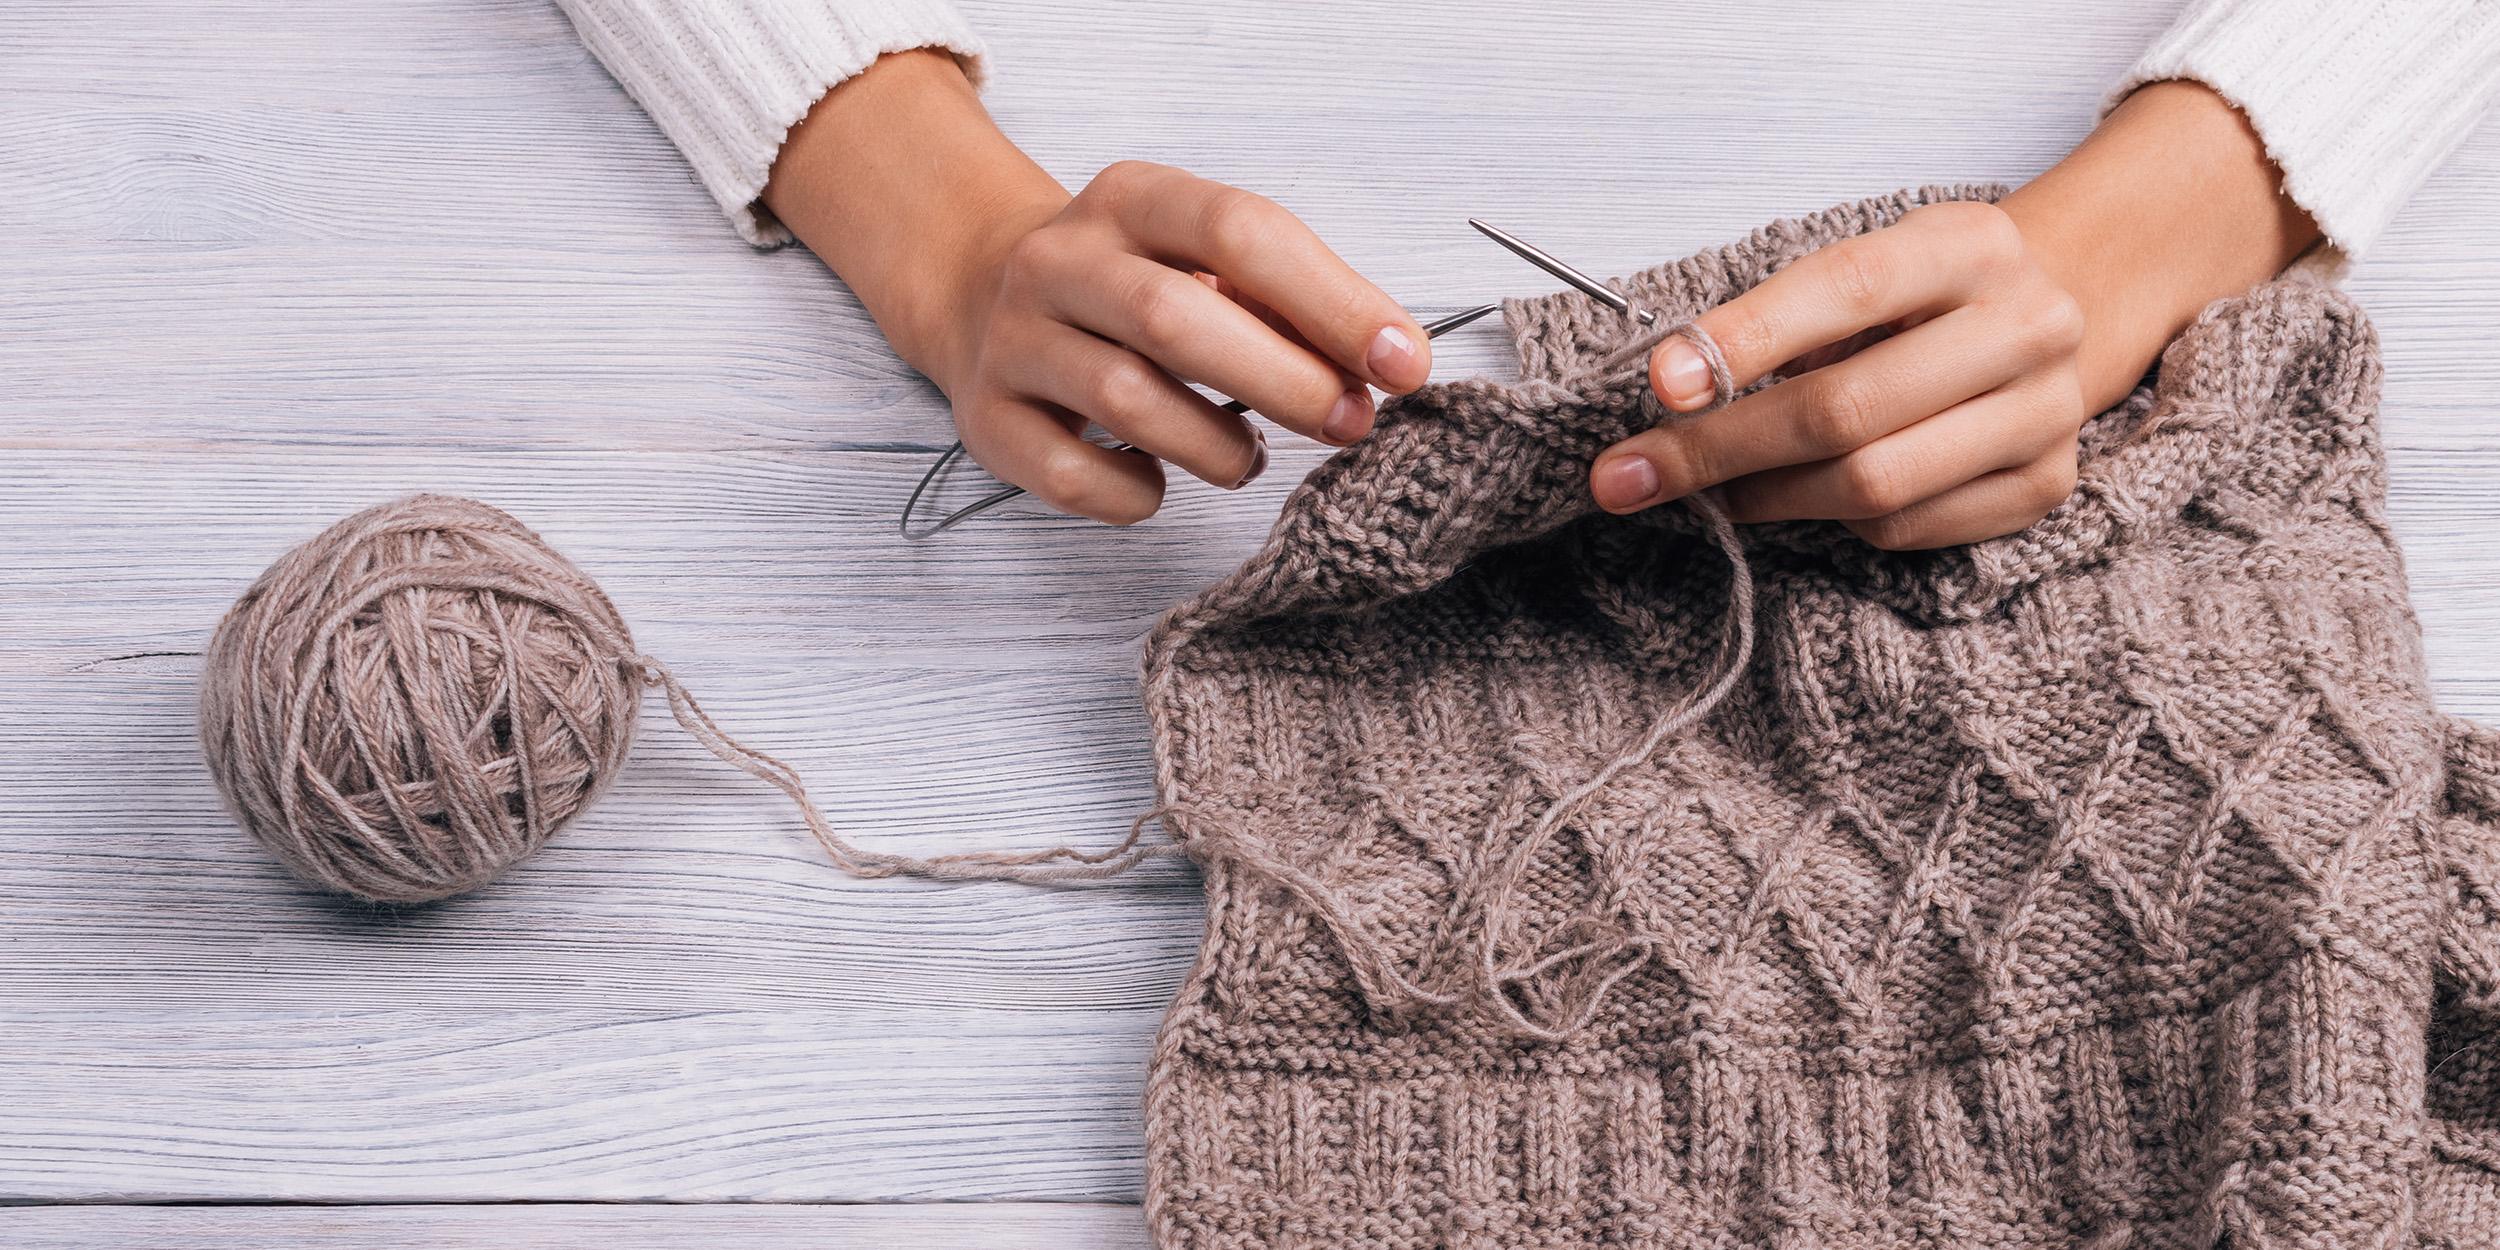 Вязание – хобби, которое становиться популярным среди молодежи — фото 5